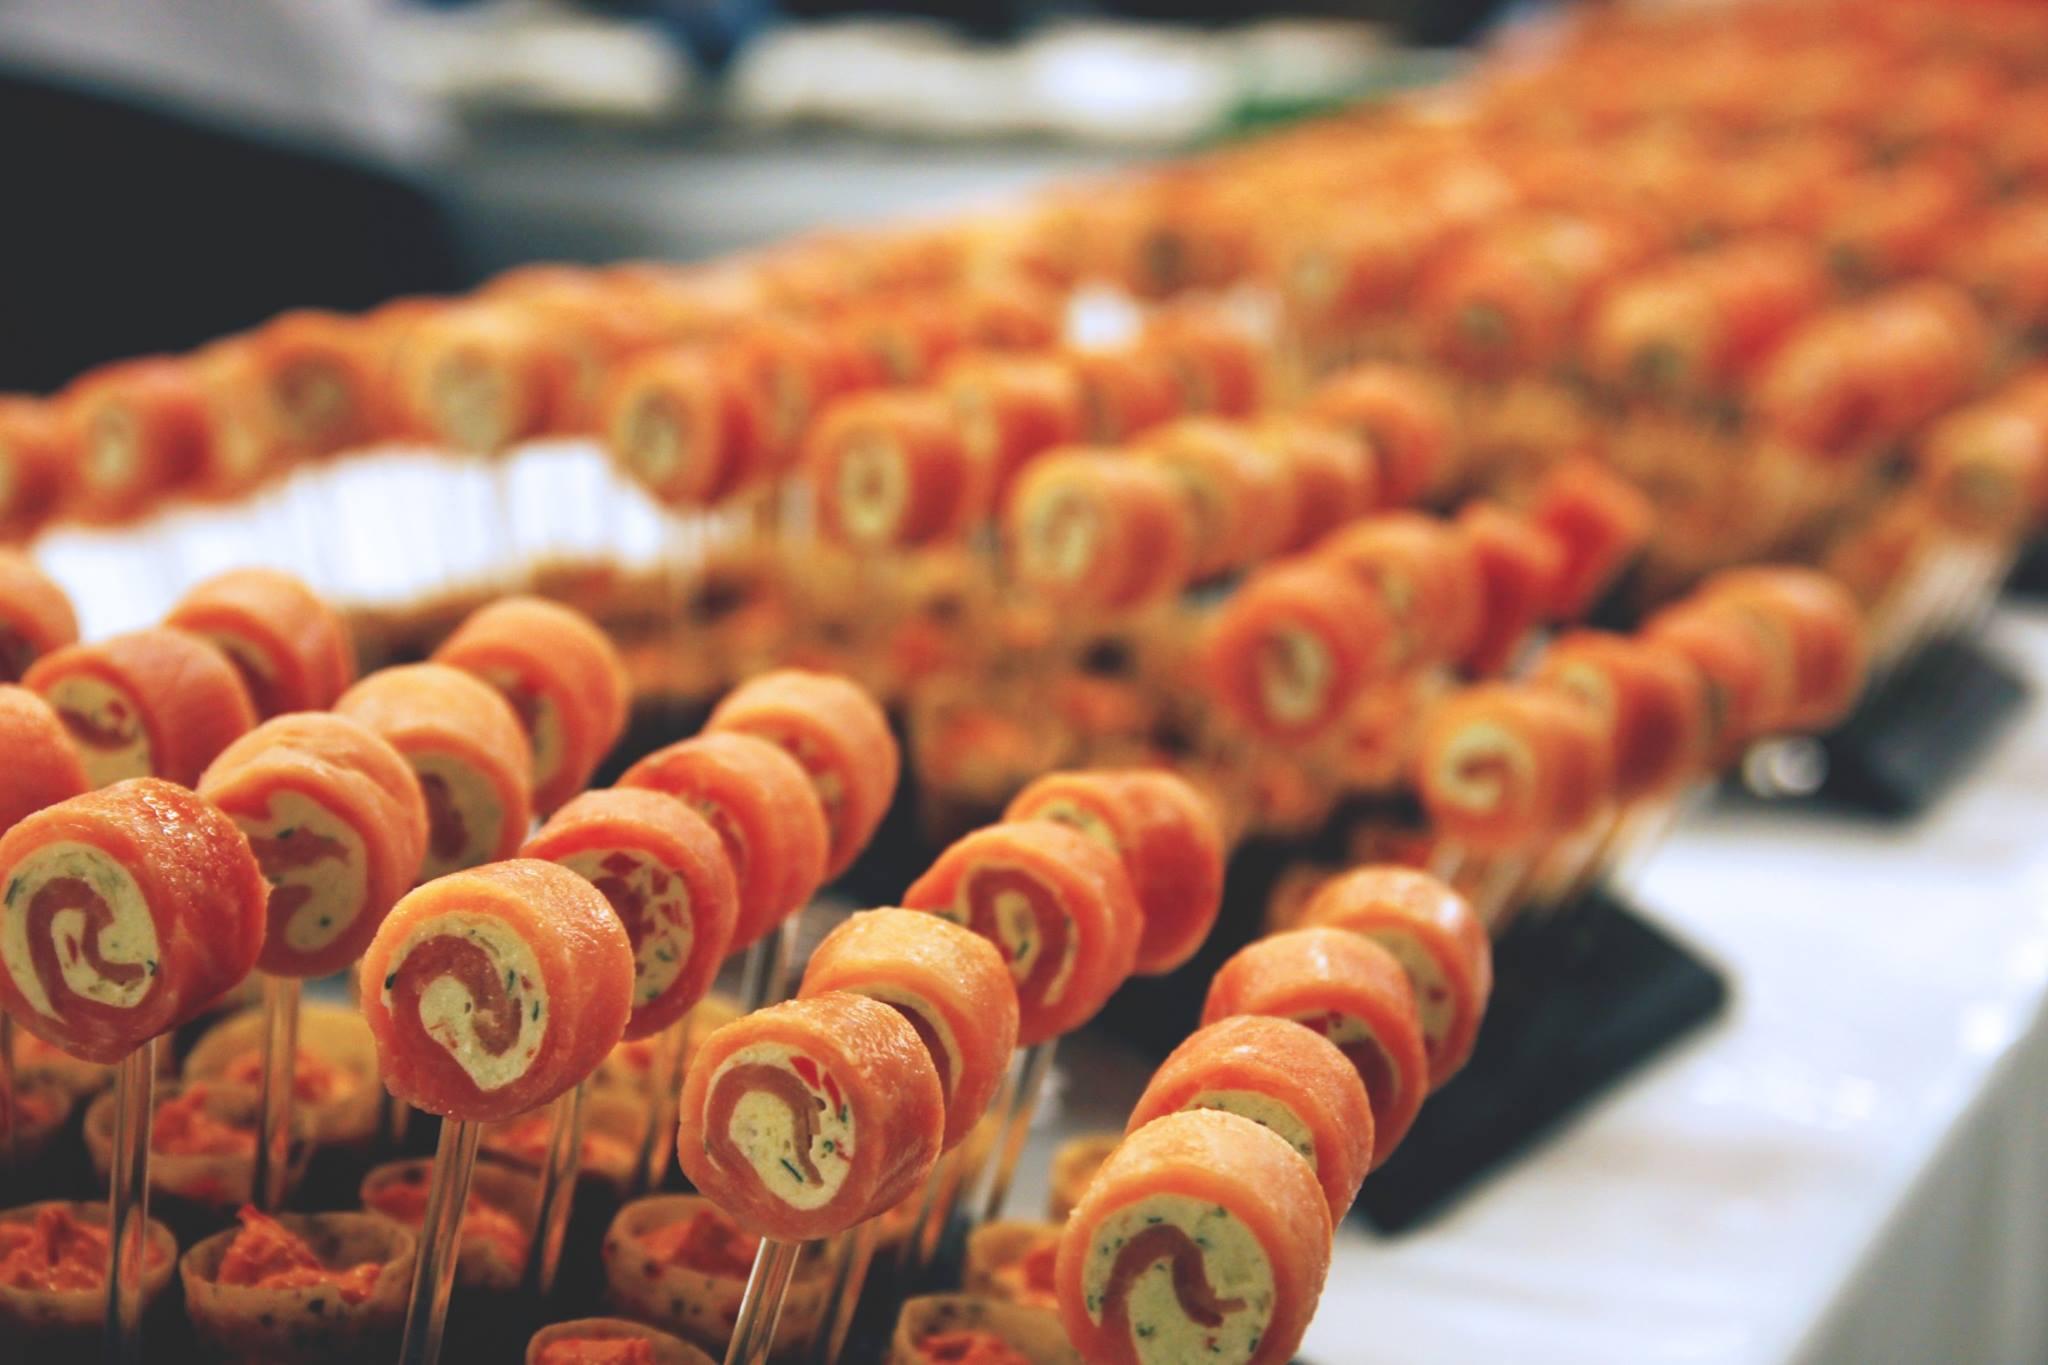 catering-Hauptbild3.jpg